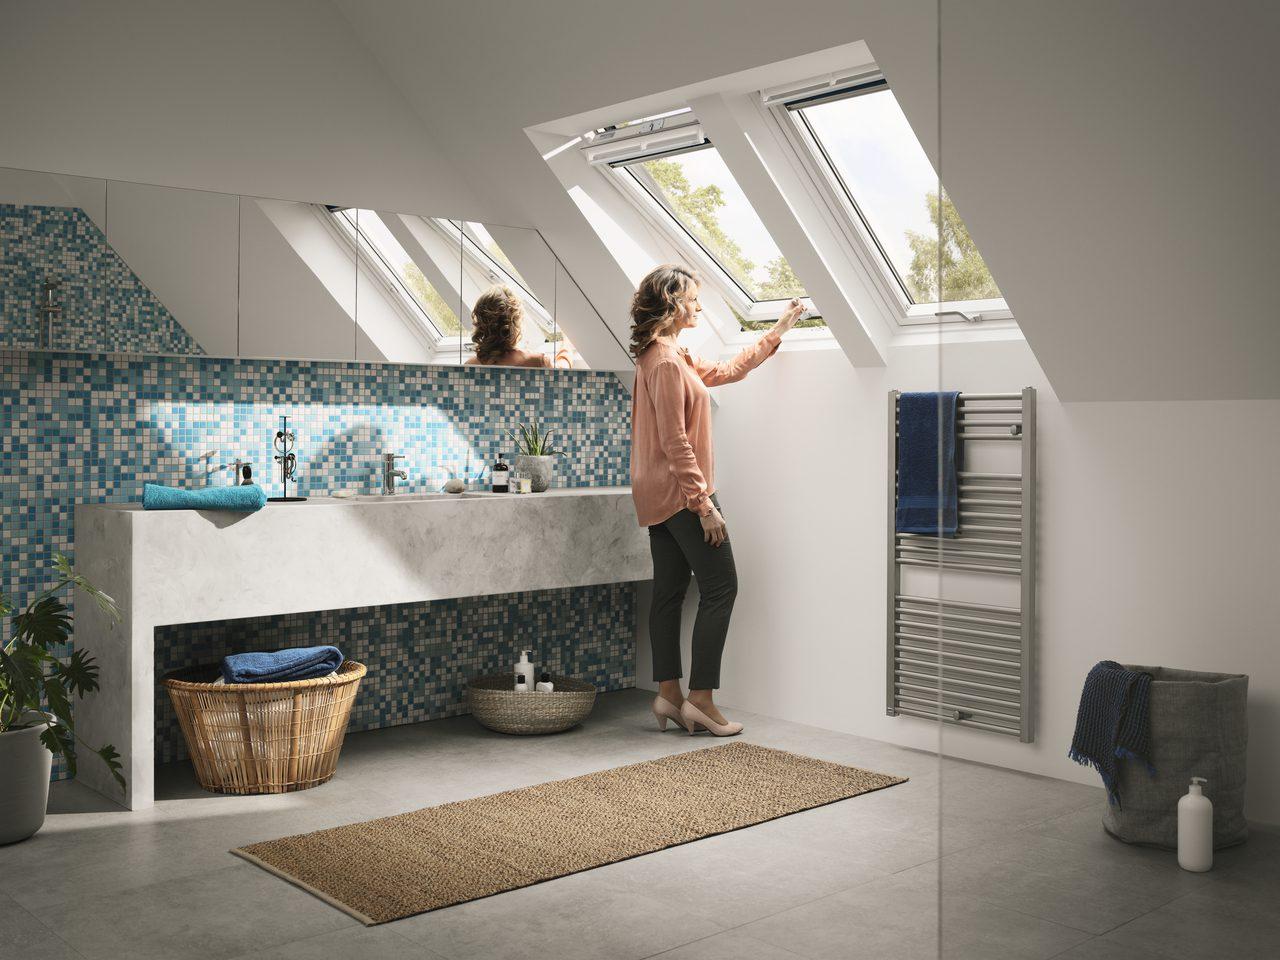 radiatory, vykurovanie, okno (2)